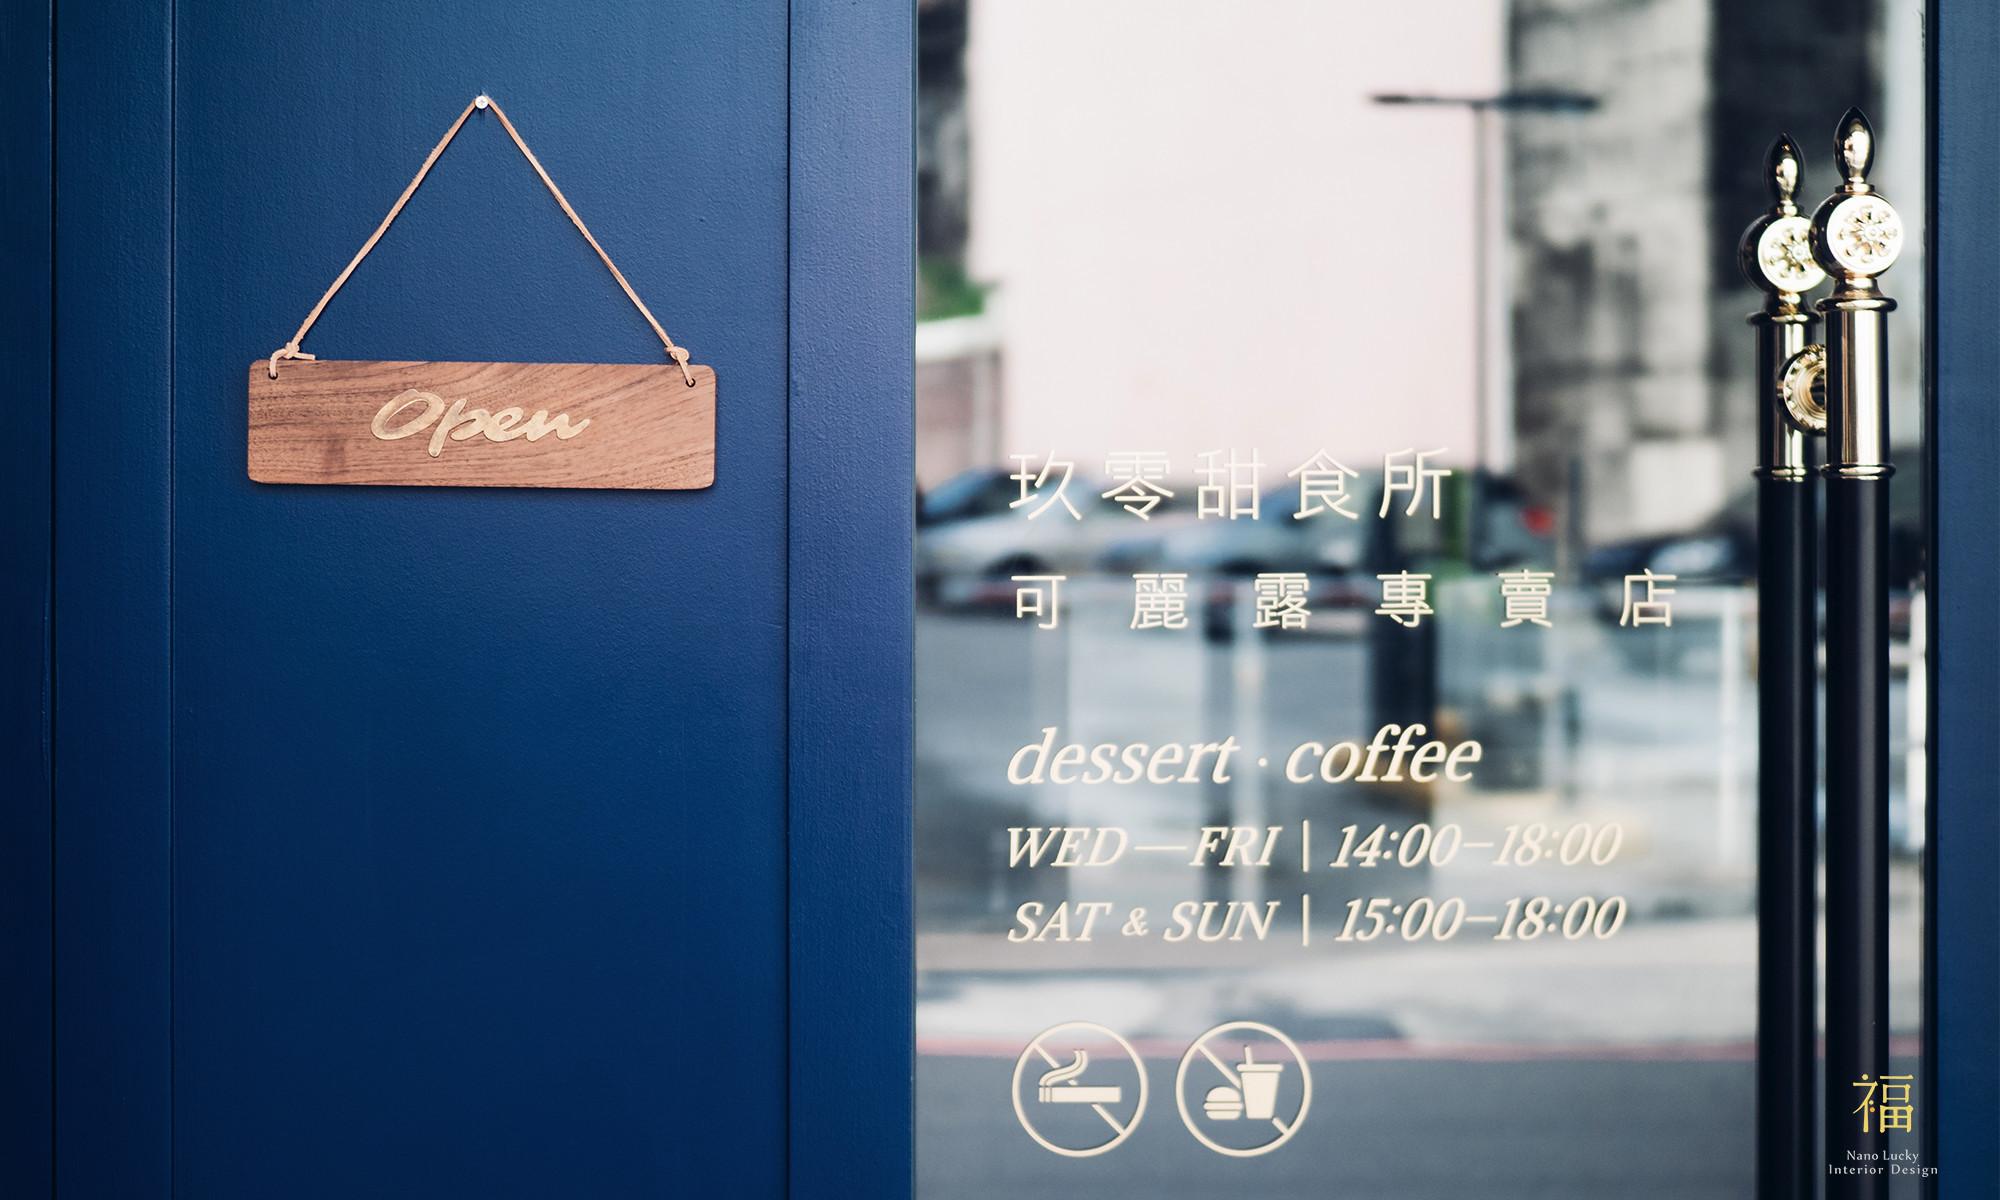 玖零甜食所嘉義可麗露專賣店-門口|小福砌商業甜點空間設計